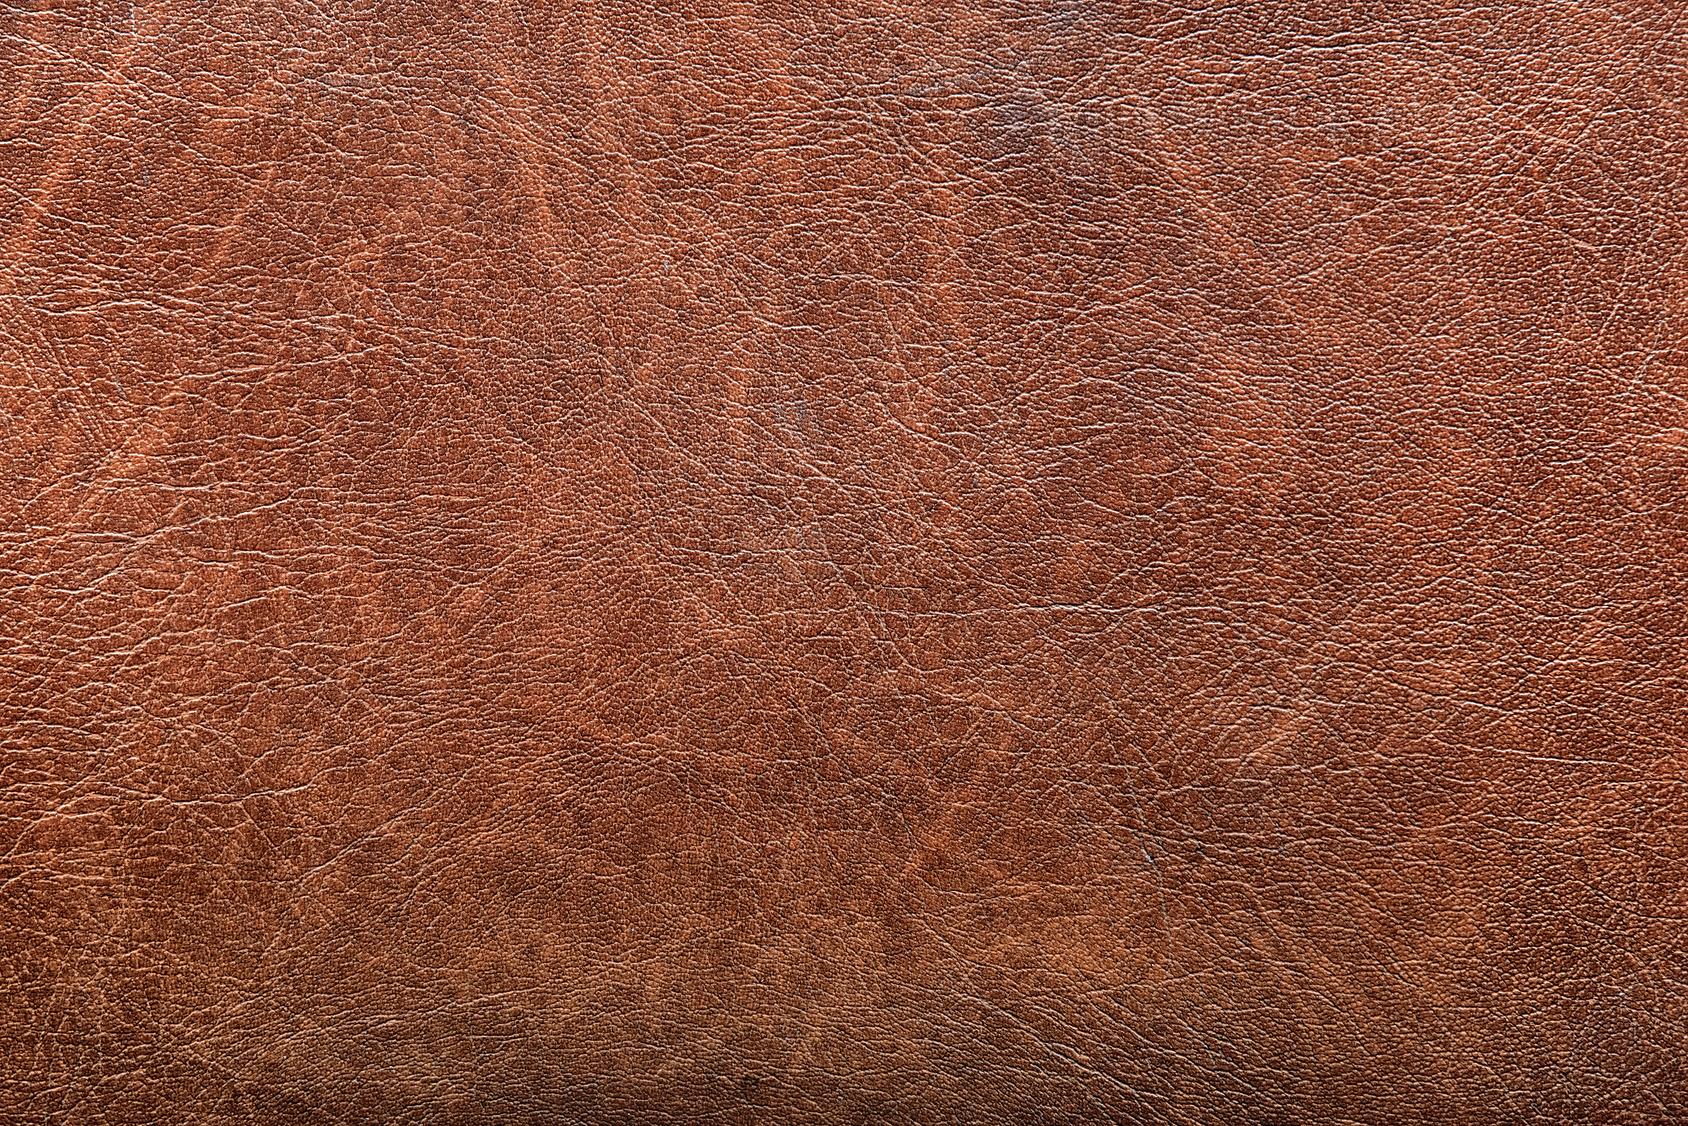 Comment nettoyer une tache sur un canapé en cuir ?